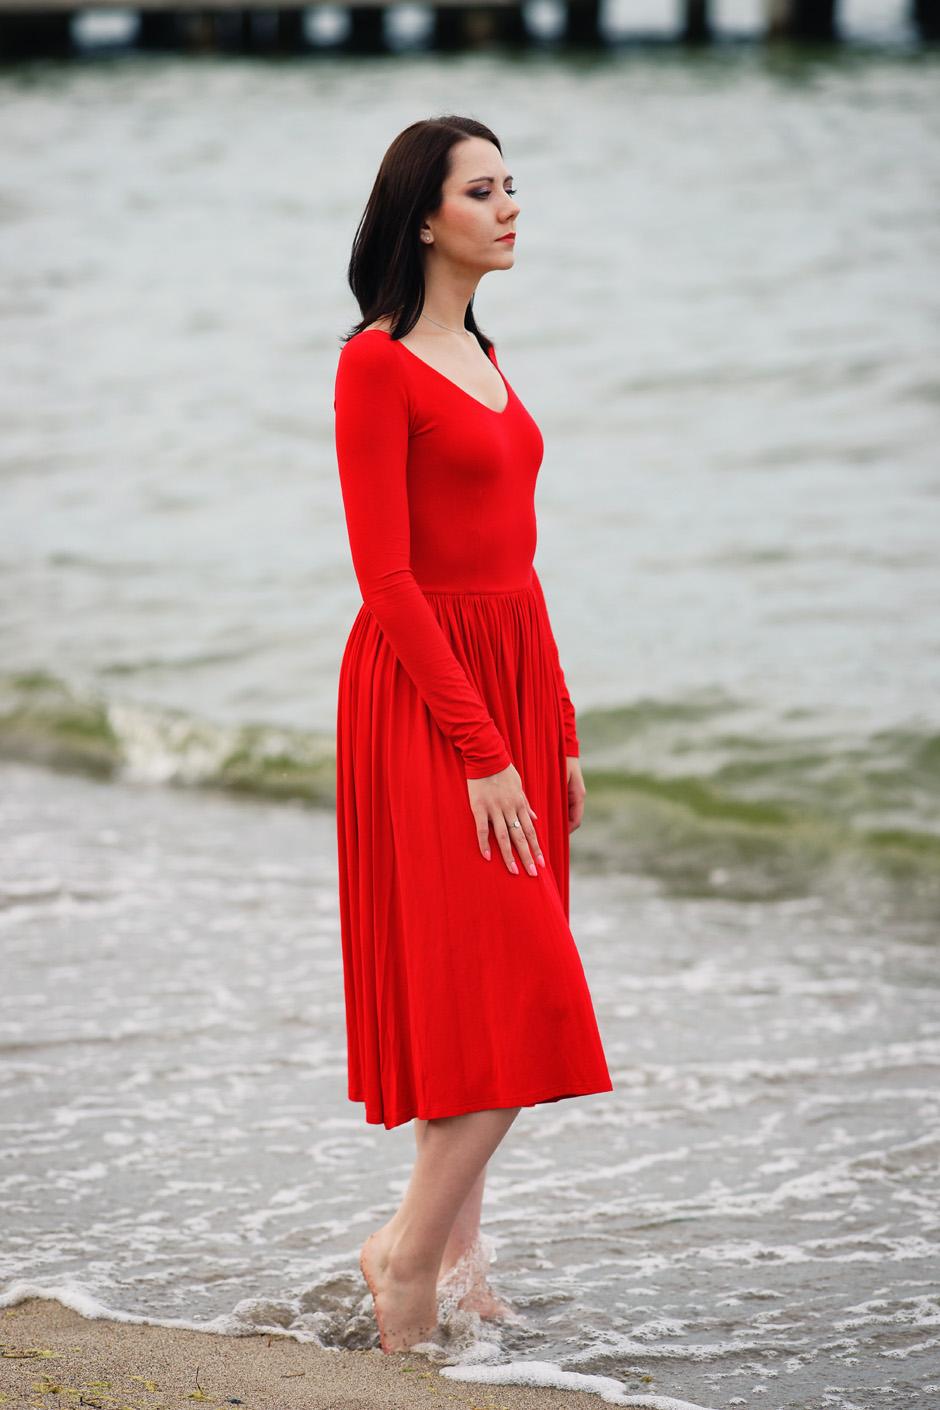 sukienka czerwona risk made in warsaw gotowa na wszystko, pudrowo różowe zaxy (15)